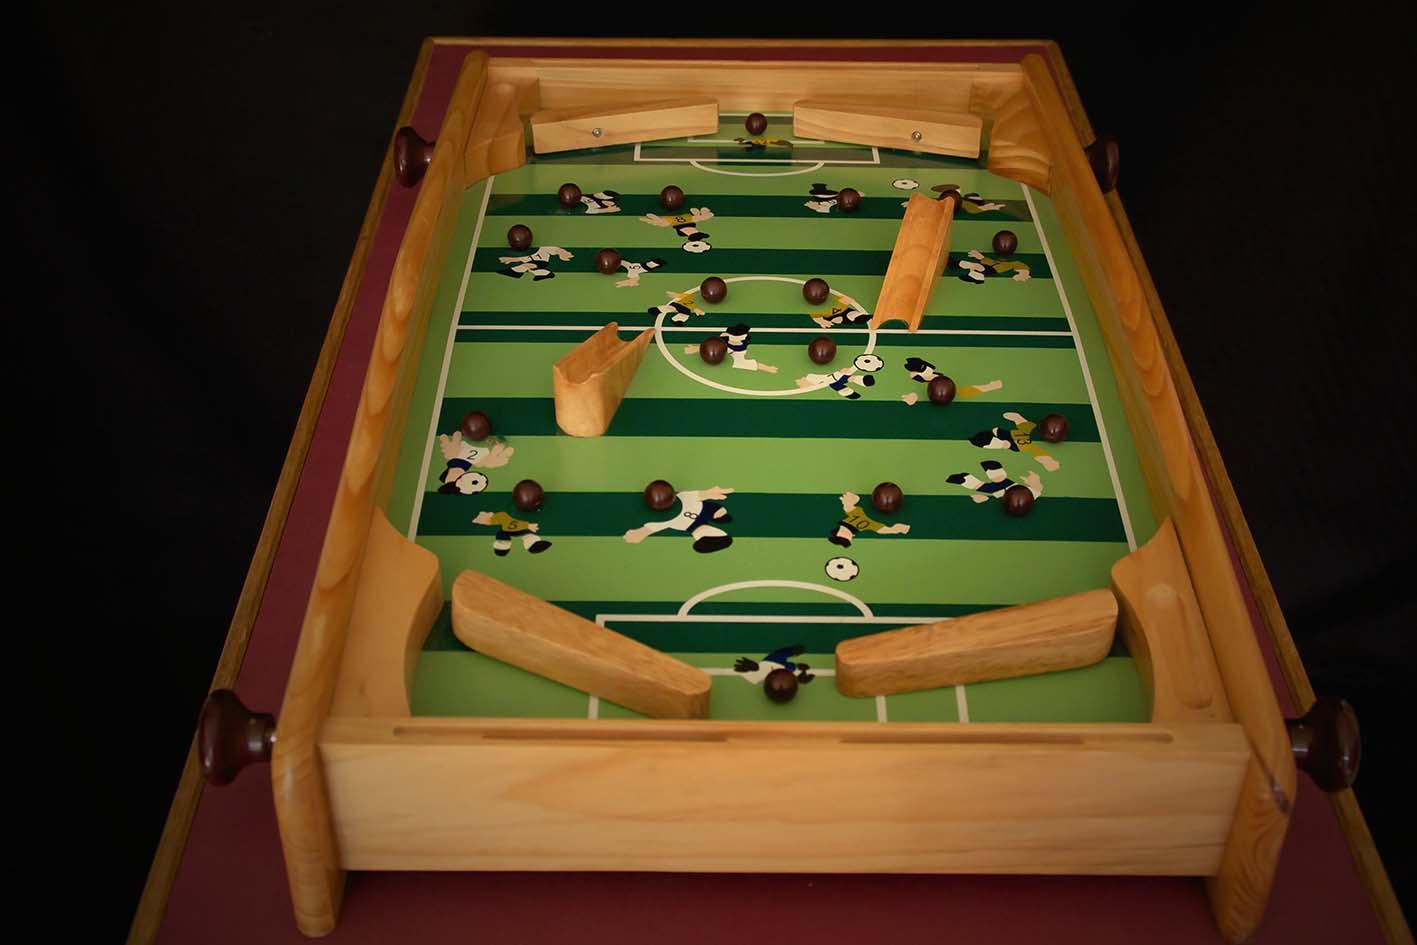 liste des jeux en bois j 39 irai jouer chez vous prestations jeux en bois. Black Bedroom Furniture Sets. Home Design Ideas